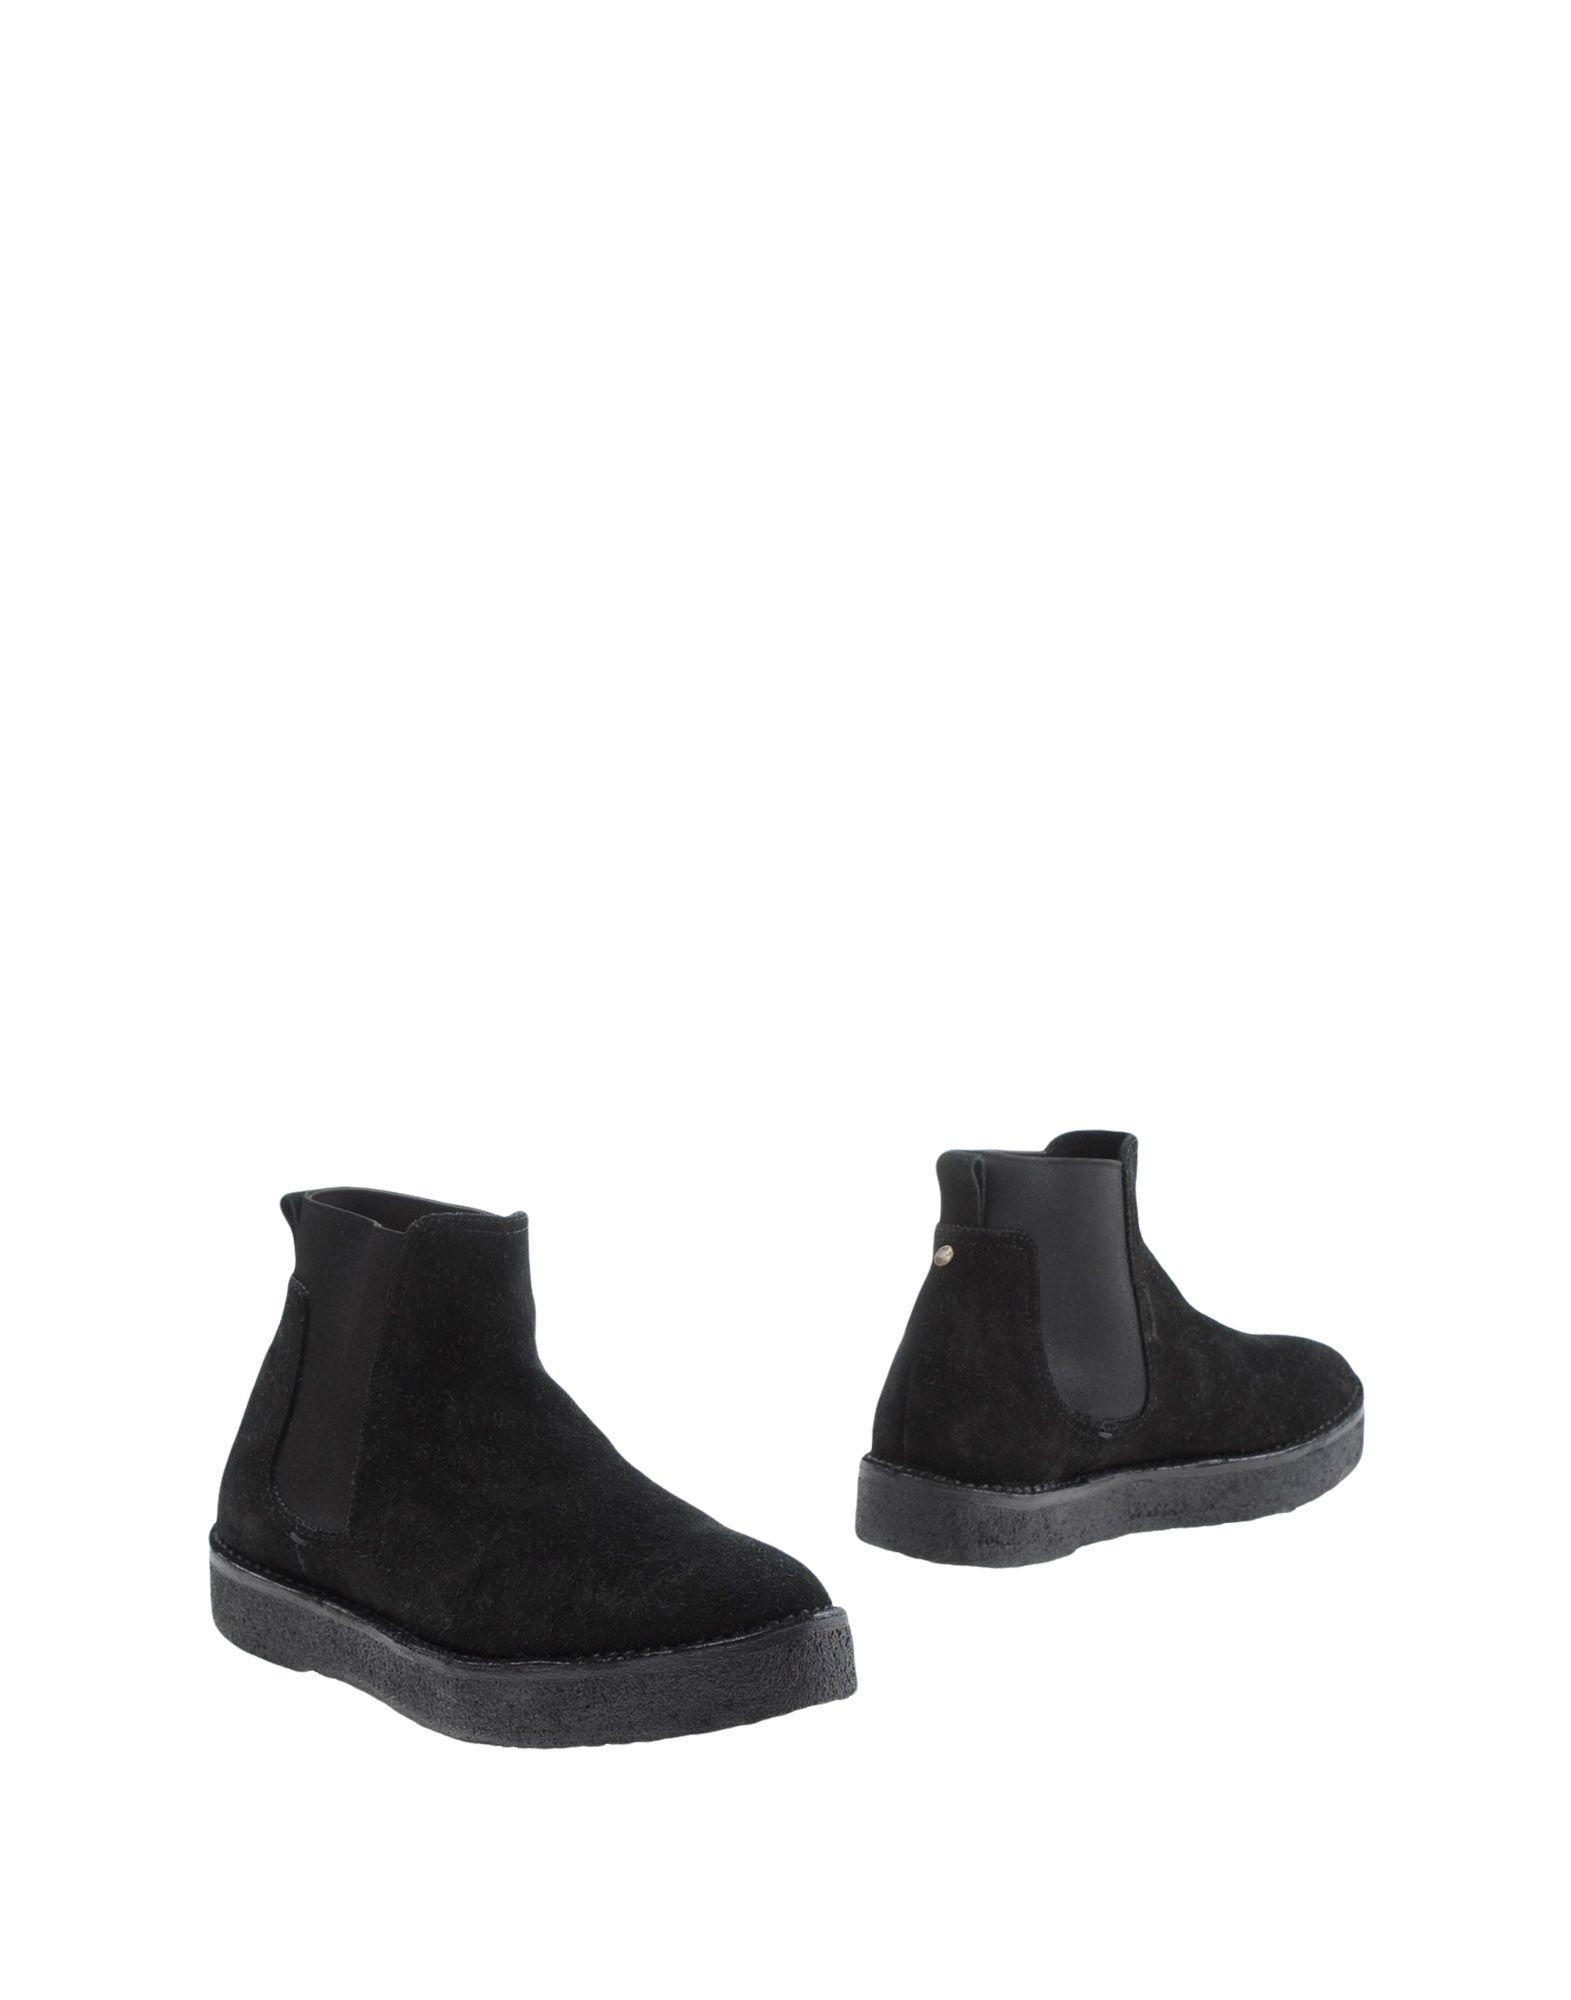 BUTTERO® Полусапоги и высокие ботинки купить футбольную форму челси торрес